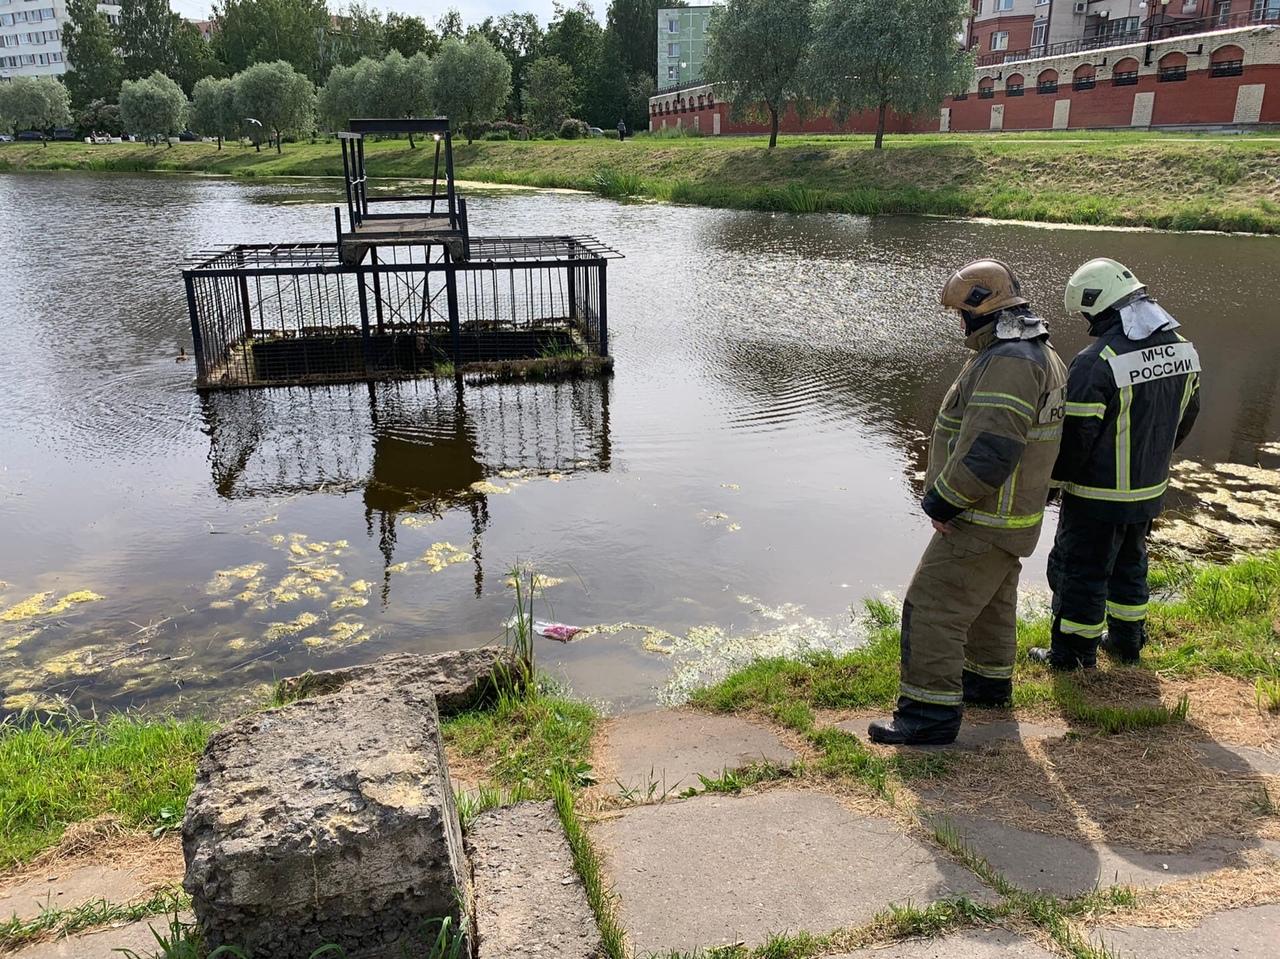 Опять утята упали в водозабор реки Новая у дома Маршала Жукова 54к6. Утка плавает вокруг и крякает. ...